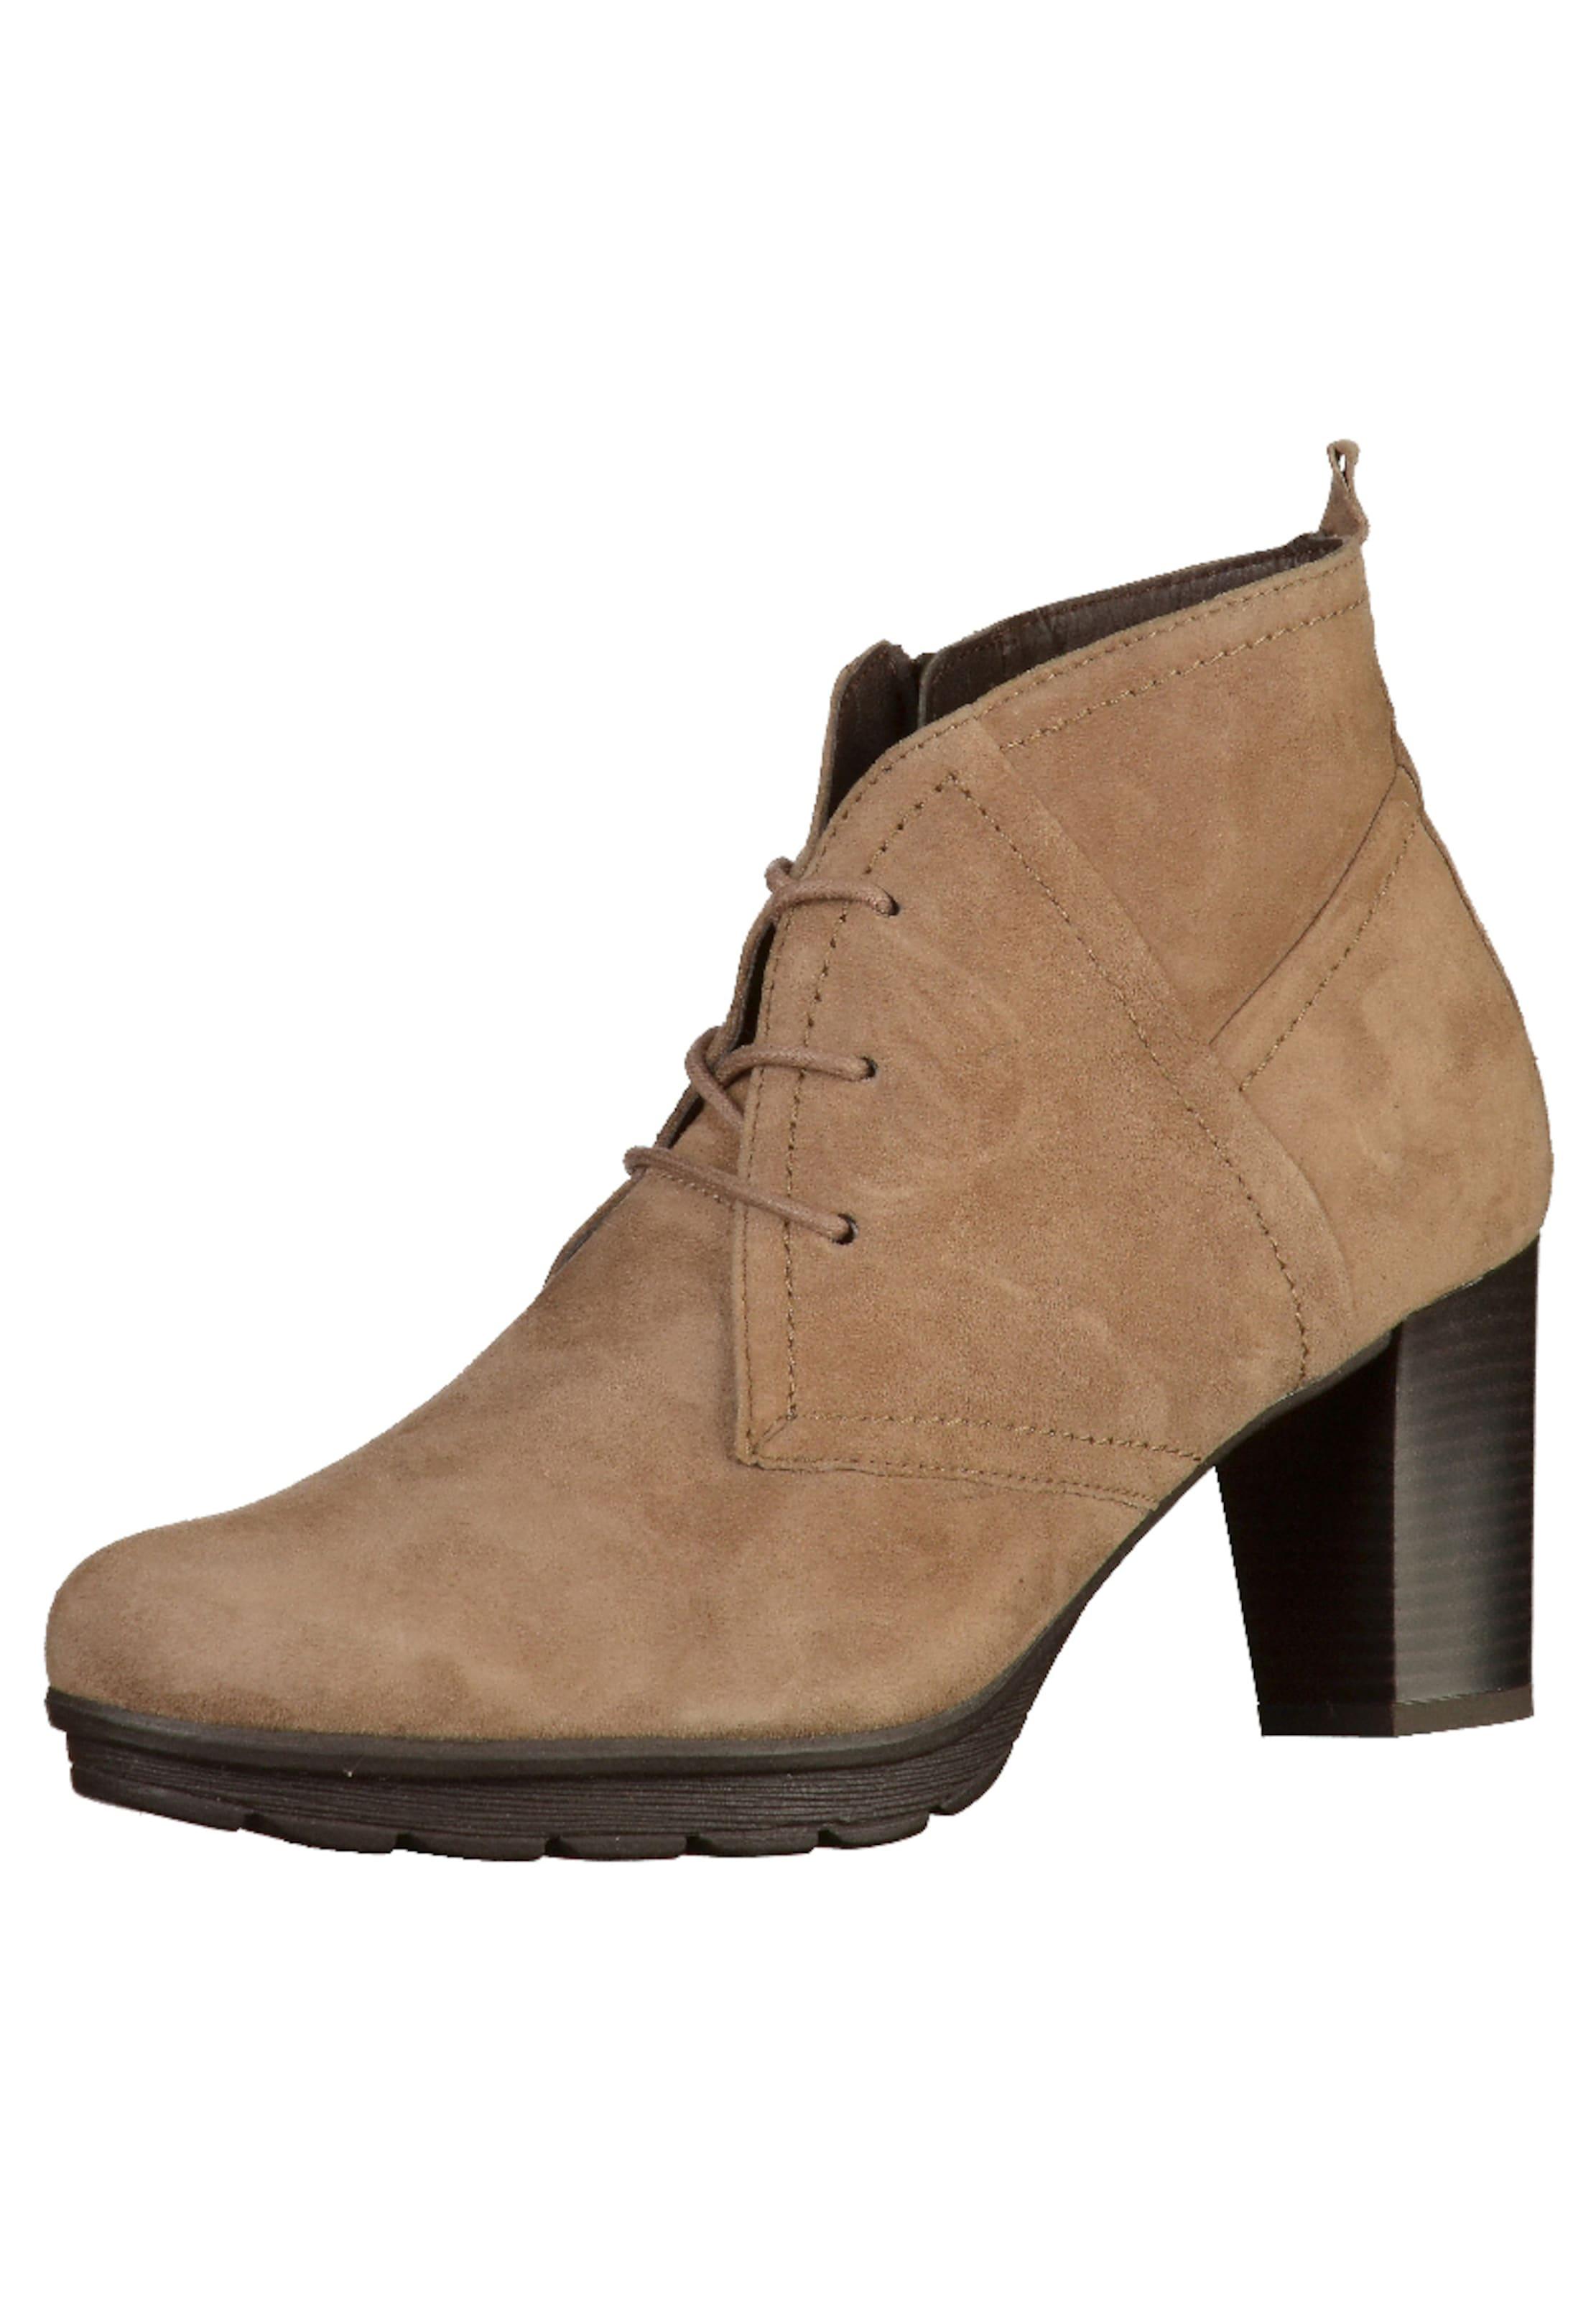 CAPRICE Stiefelette Verschleißfeste billige Schuhe Hohe Qualität